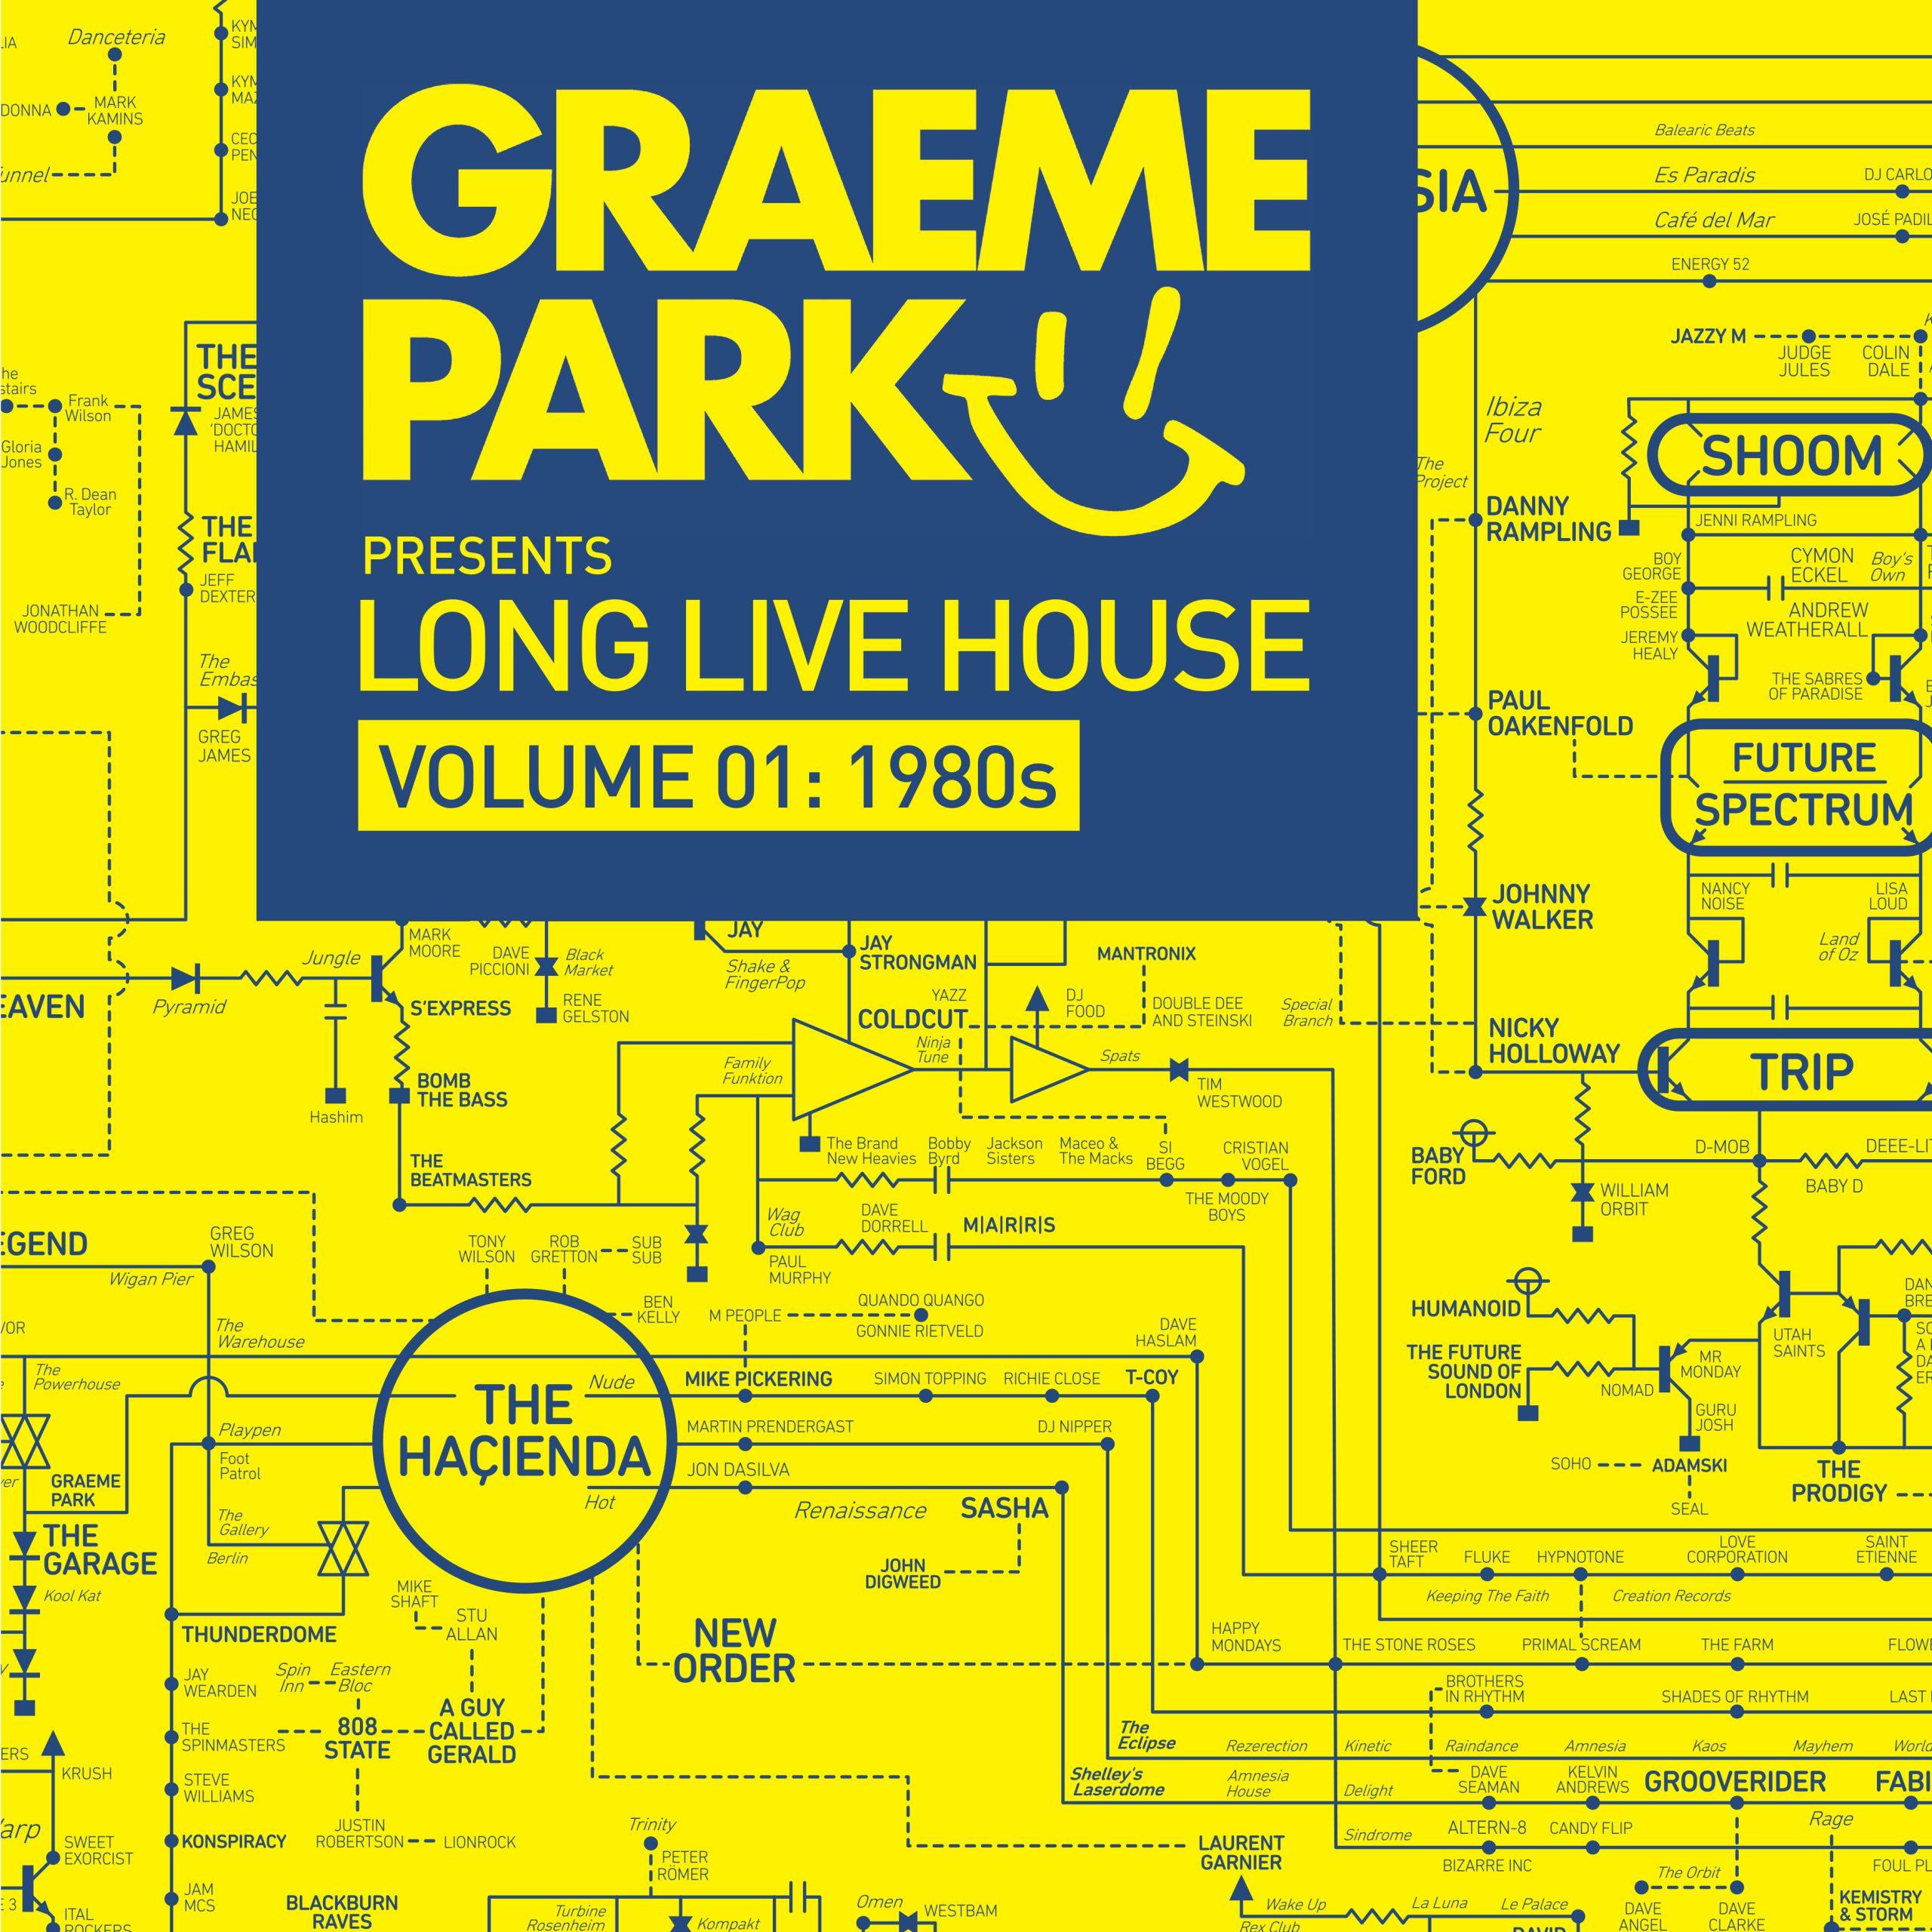 Graeme Park Mix & CD give-away! – Kane FM